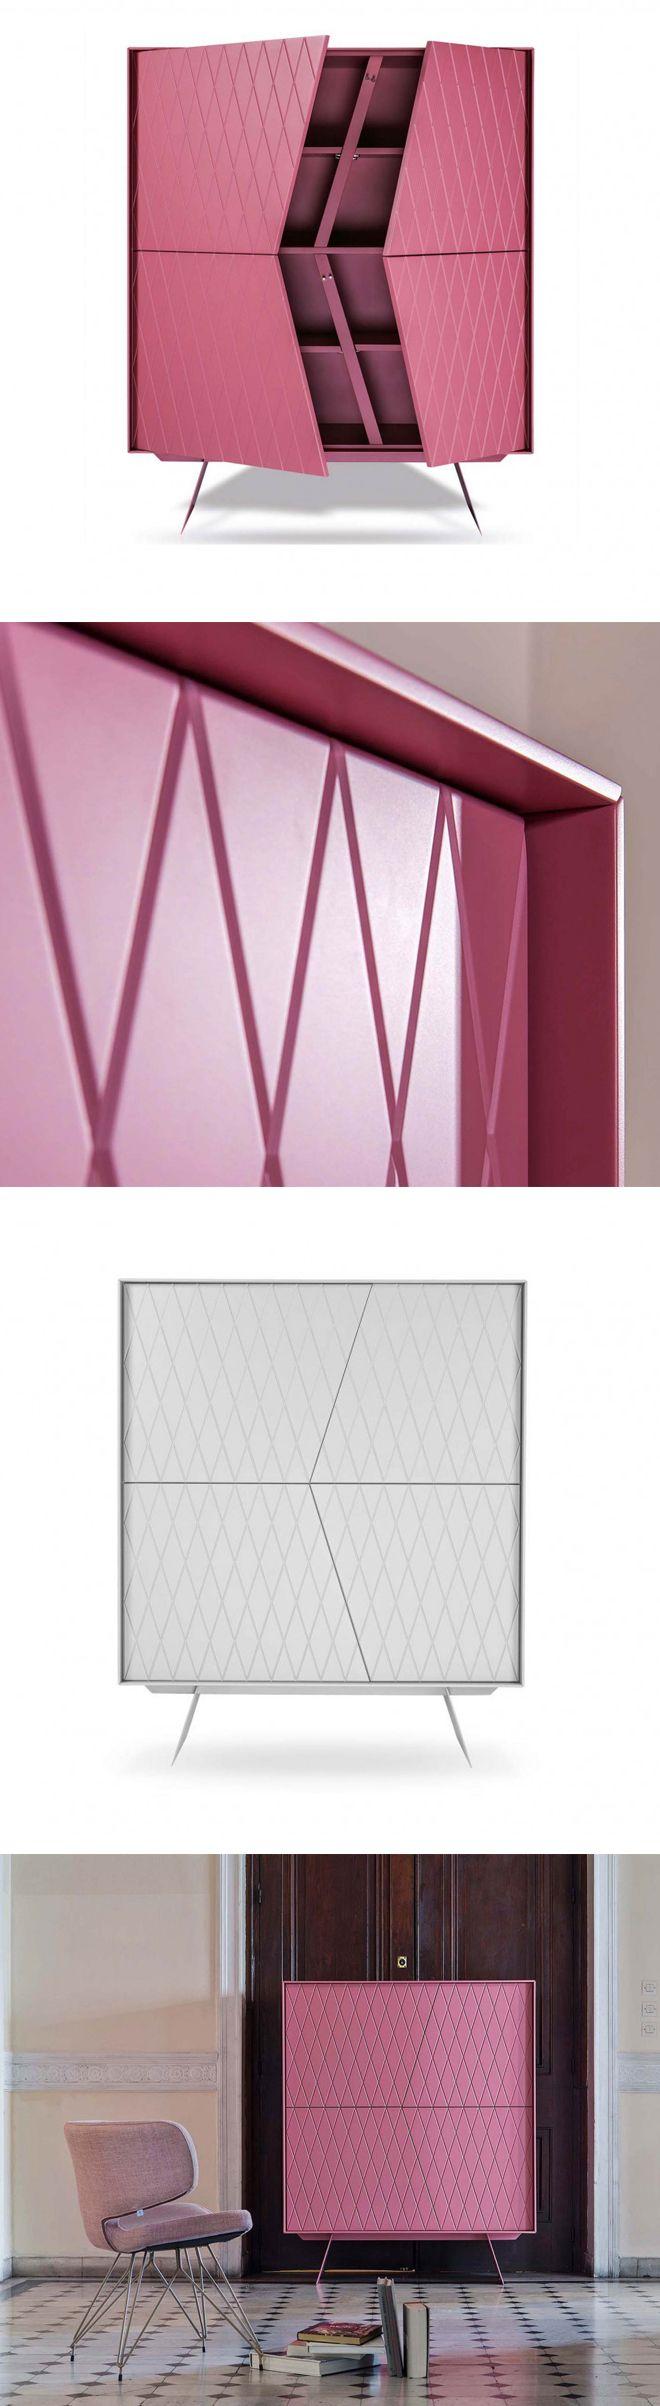 Das Highboard e-klipse von al2 hat 4 Türen und das Klassische Rautenmuster auf seiner Front.   #Kommode #chestofdrawers #Livarea #Wohnzimmer #livingroom #bedroom #Schlafzimmer #Esszimmer #diningroom #inspiration #interiordesign #interiordecorating #home #wohnen #einrichten #Designmöbel #modern #minimalistisch #Trend #wohntrend #wohnstil #al2